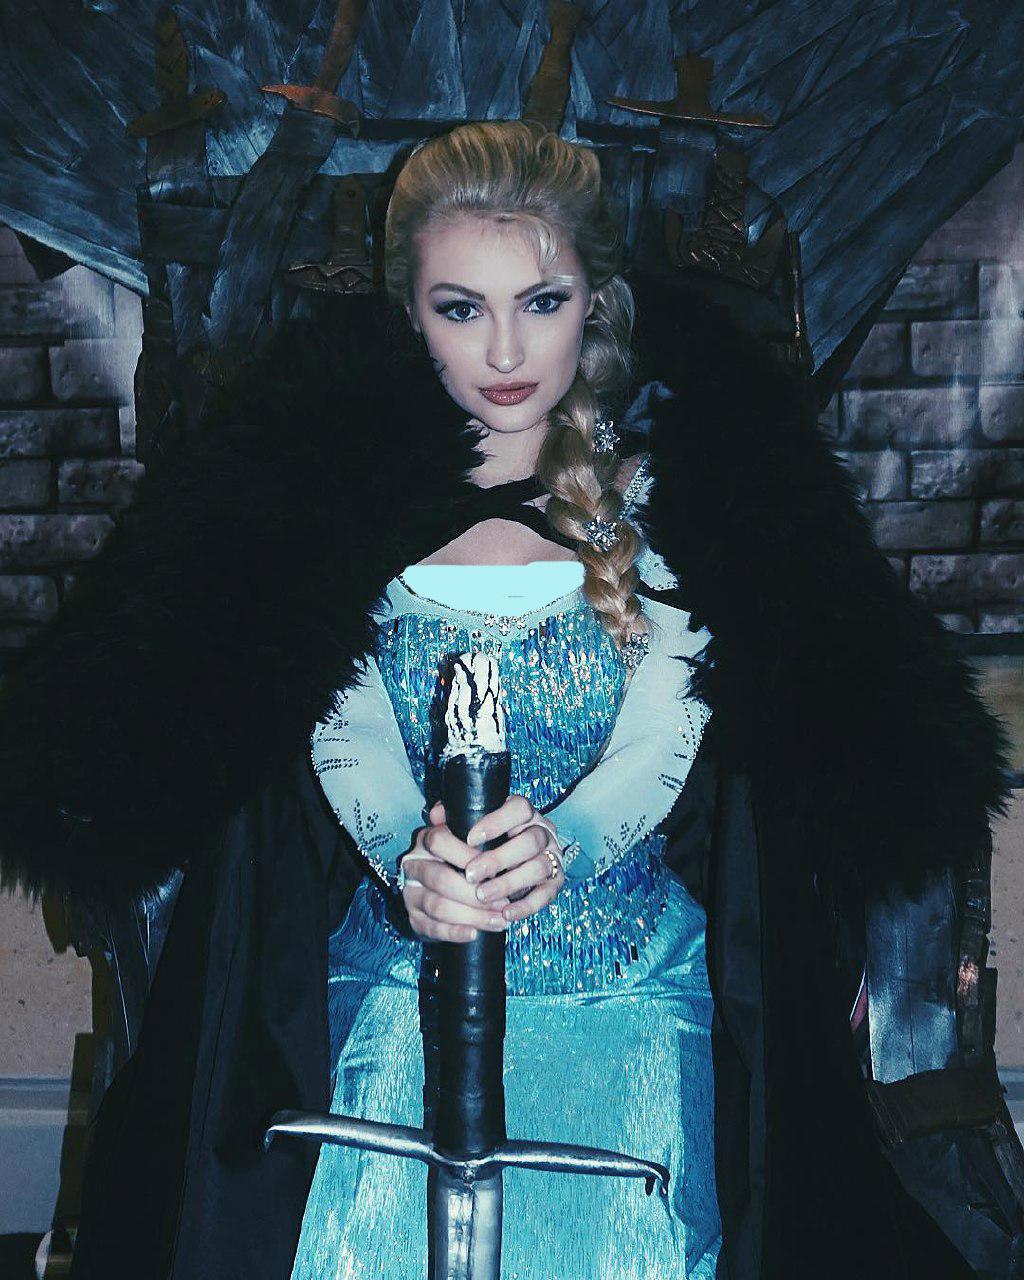 السا و انا ملکه